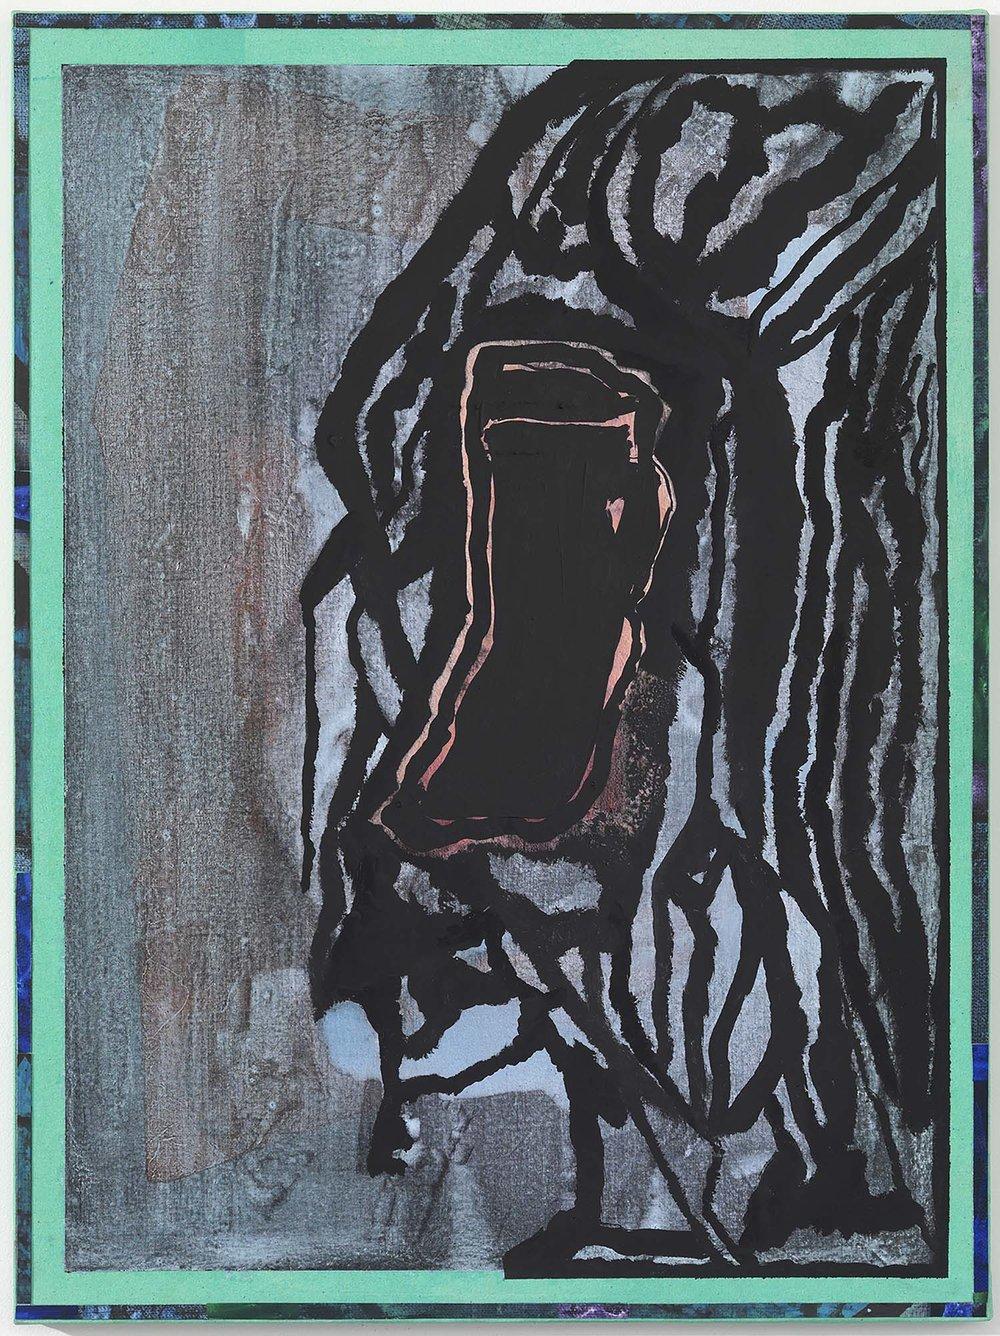 ohne Titel | 2014 | Leinwand, Acryl, Öl, Pigment auf Nessel auf MDF |63 x 47 cm | x